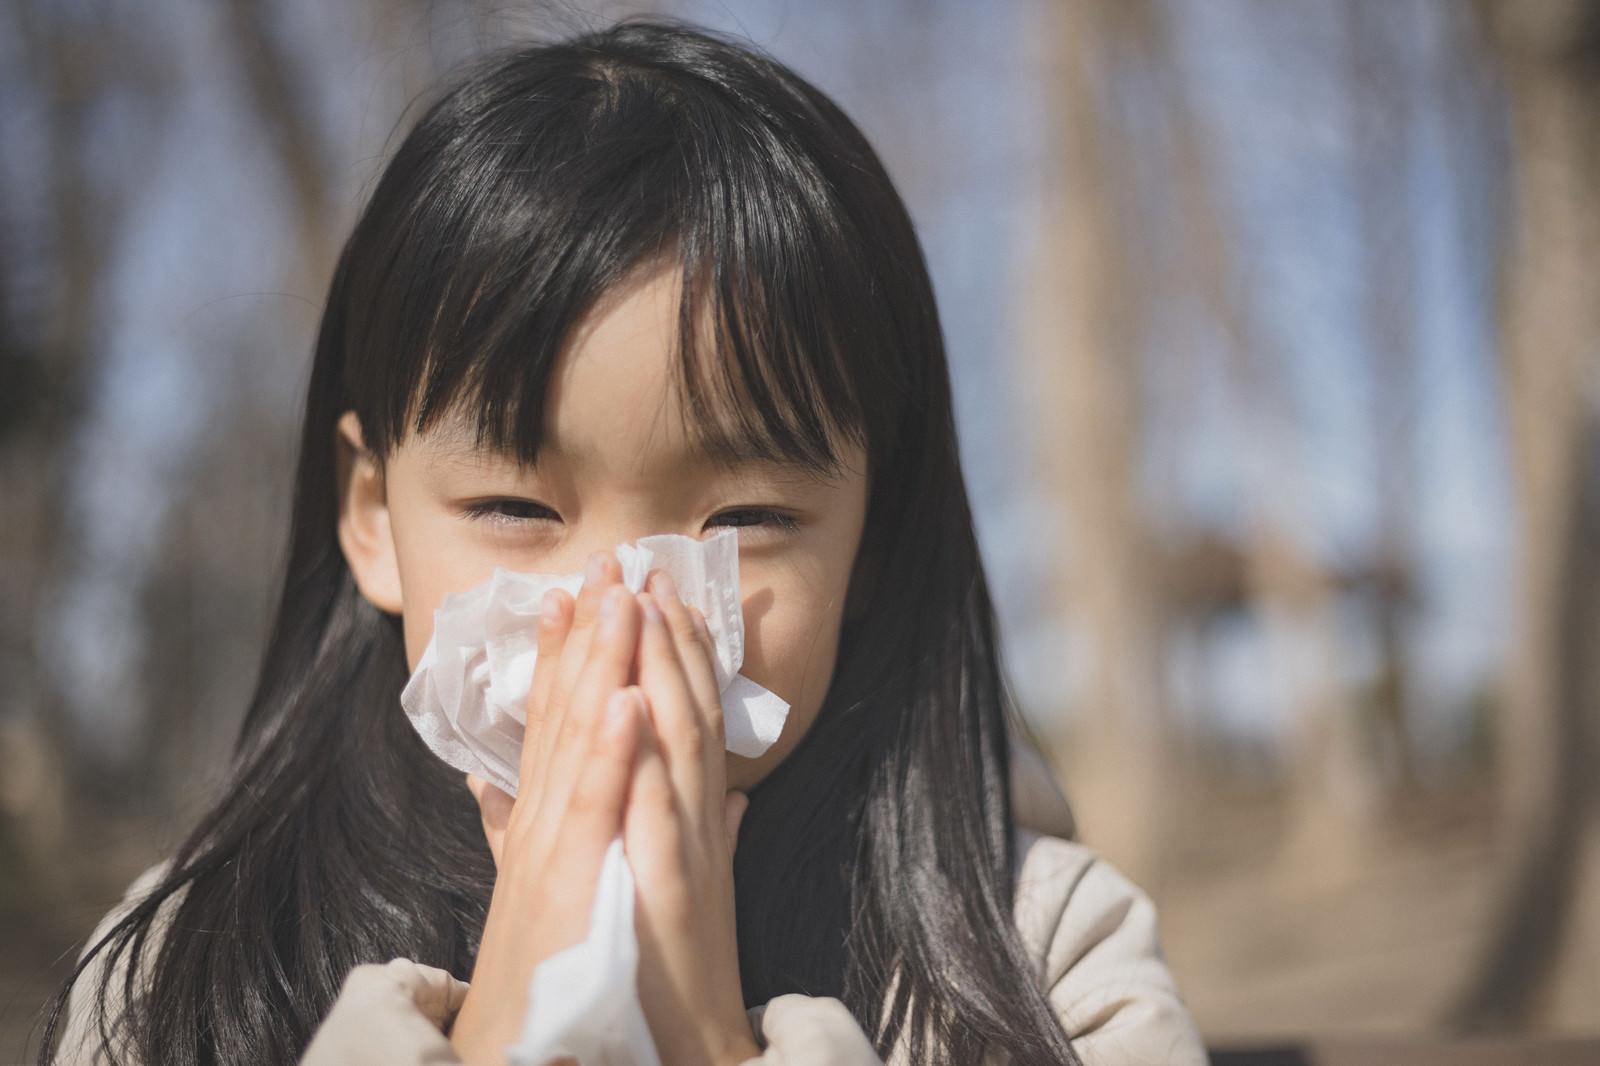 「ティッシュで鼻をかむ女の子」の写真[モデル:あんじゅ]